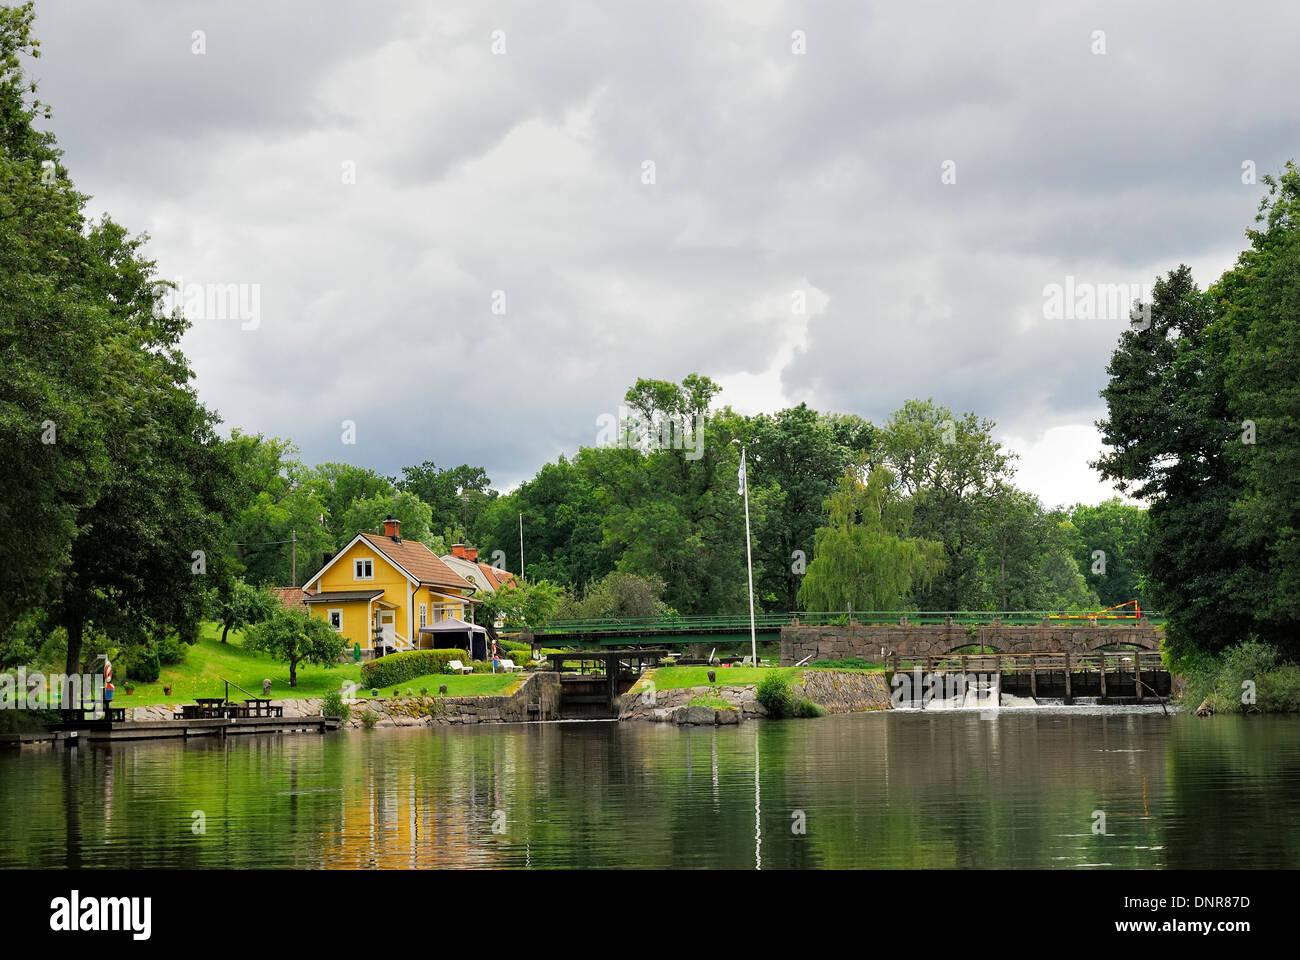 Summer house idyll Stock Photo